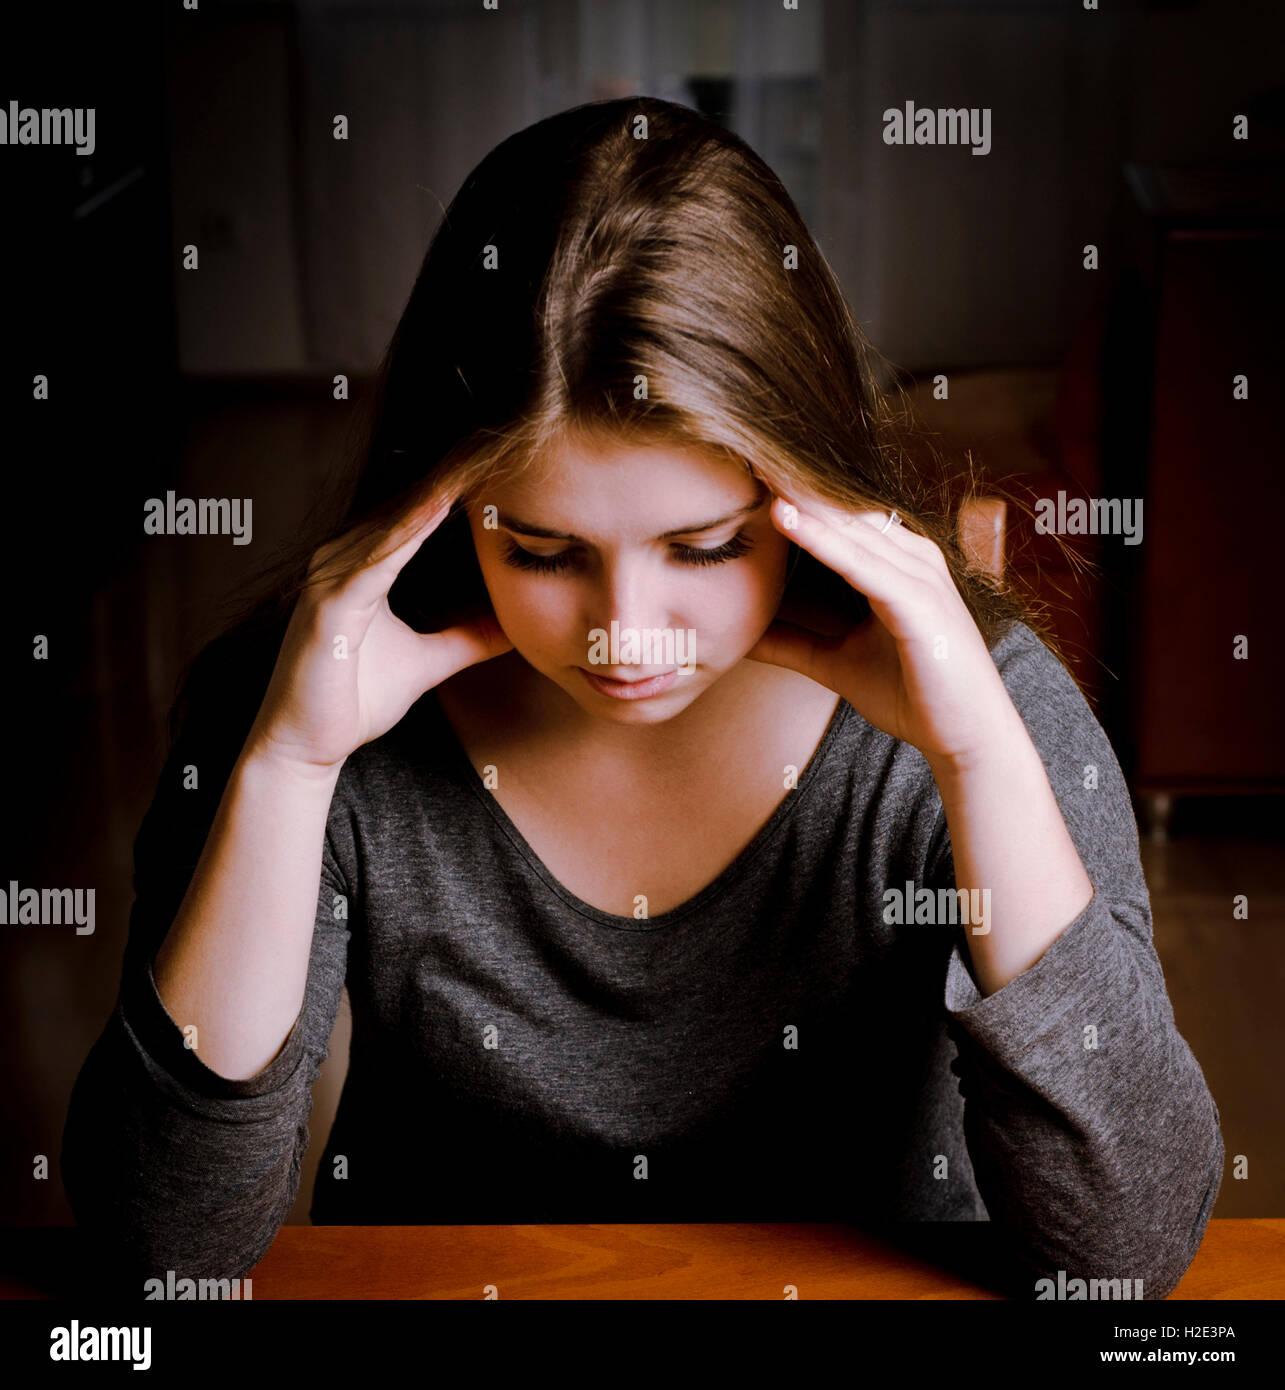 Mädchen mit einem Kopfschmerzen oder depressiv Stockbild